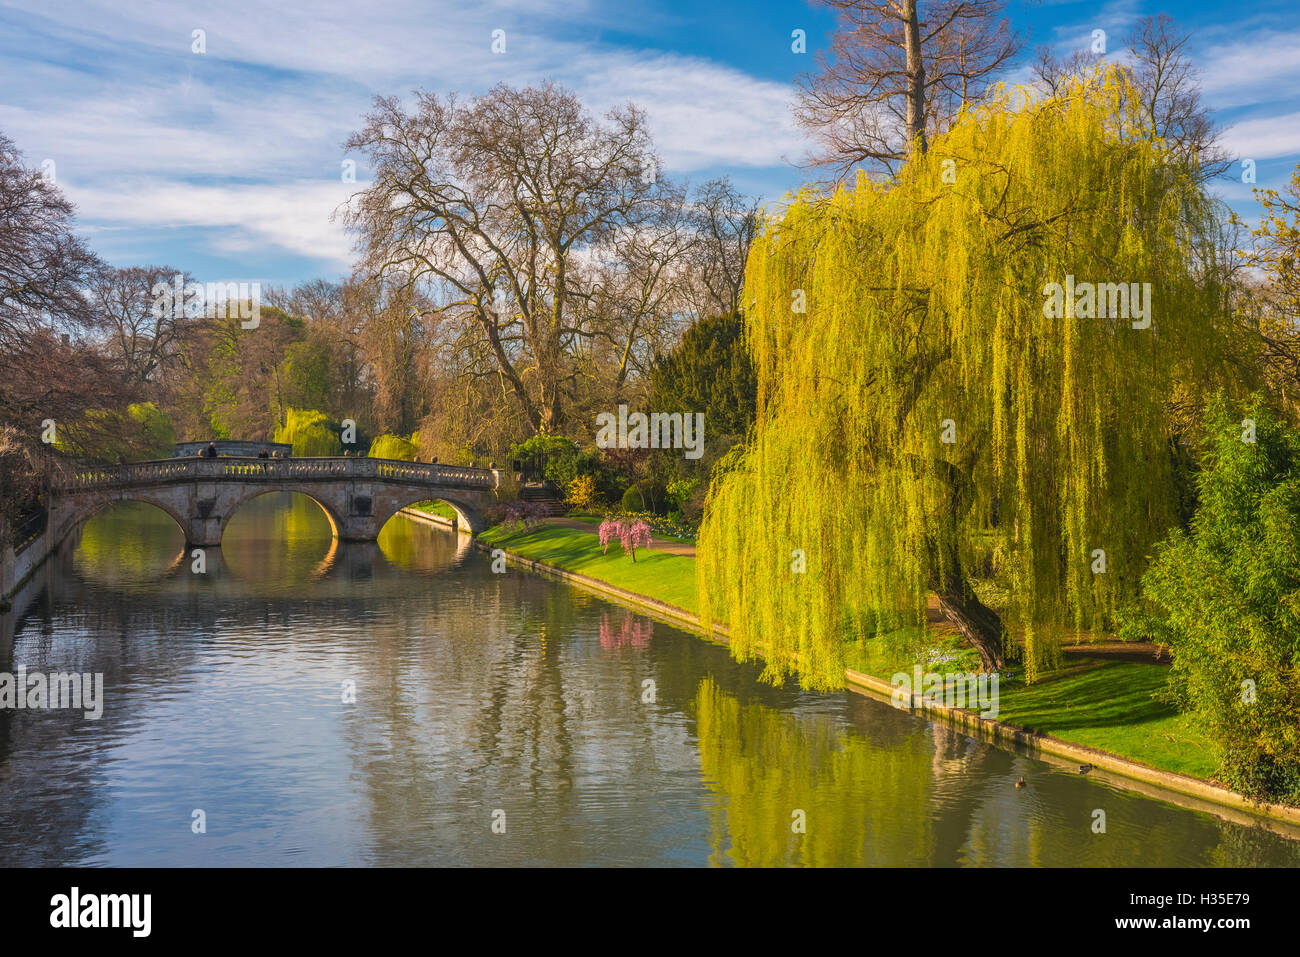 The Backs, River Cam, Cambridge, Cambridgeshire, England, UK - Stock Image